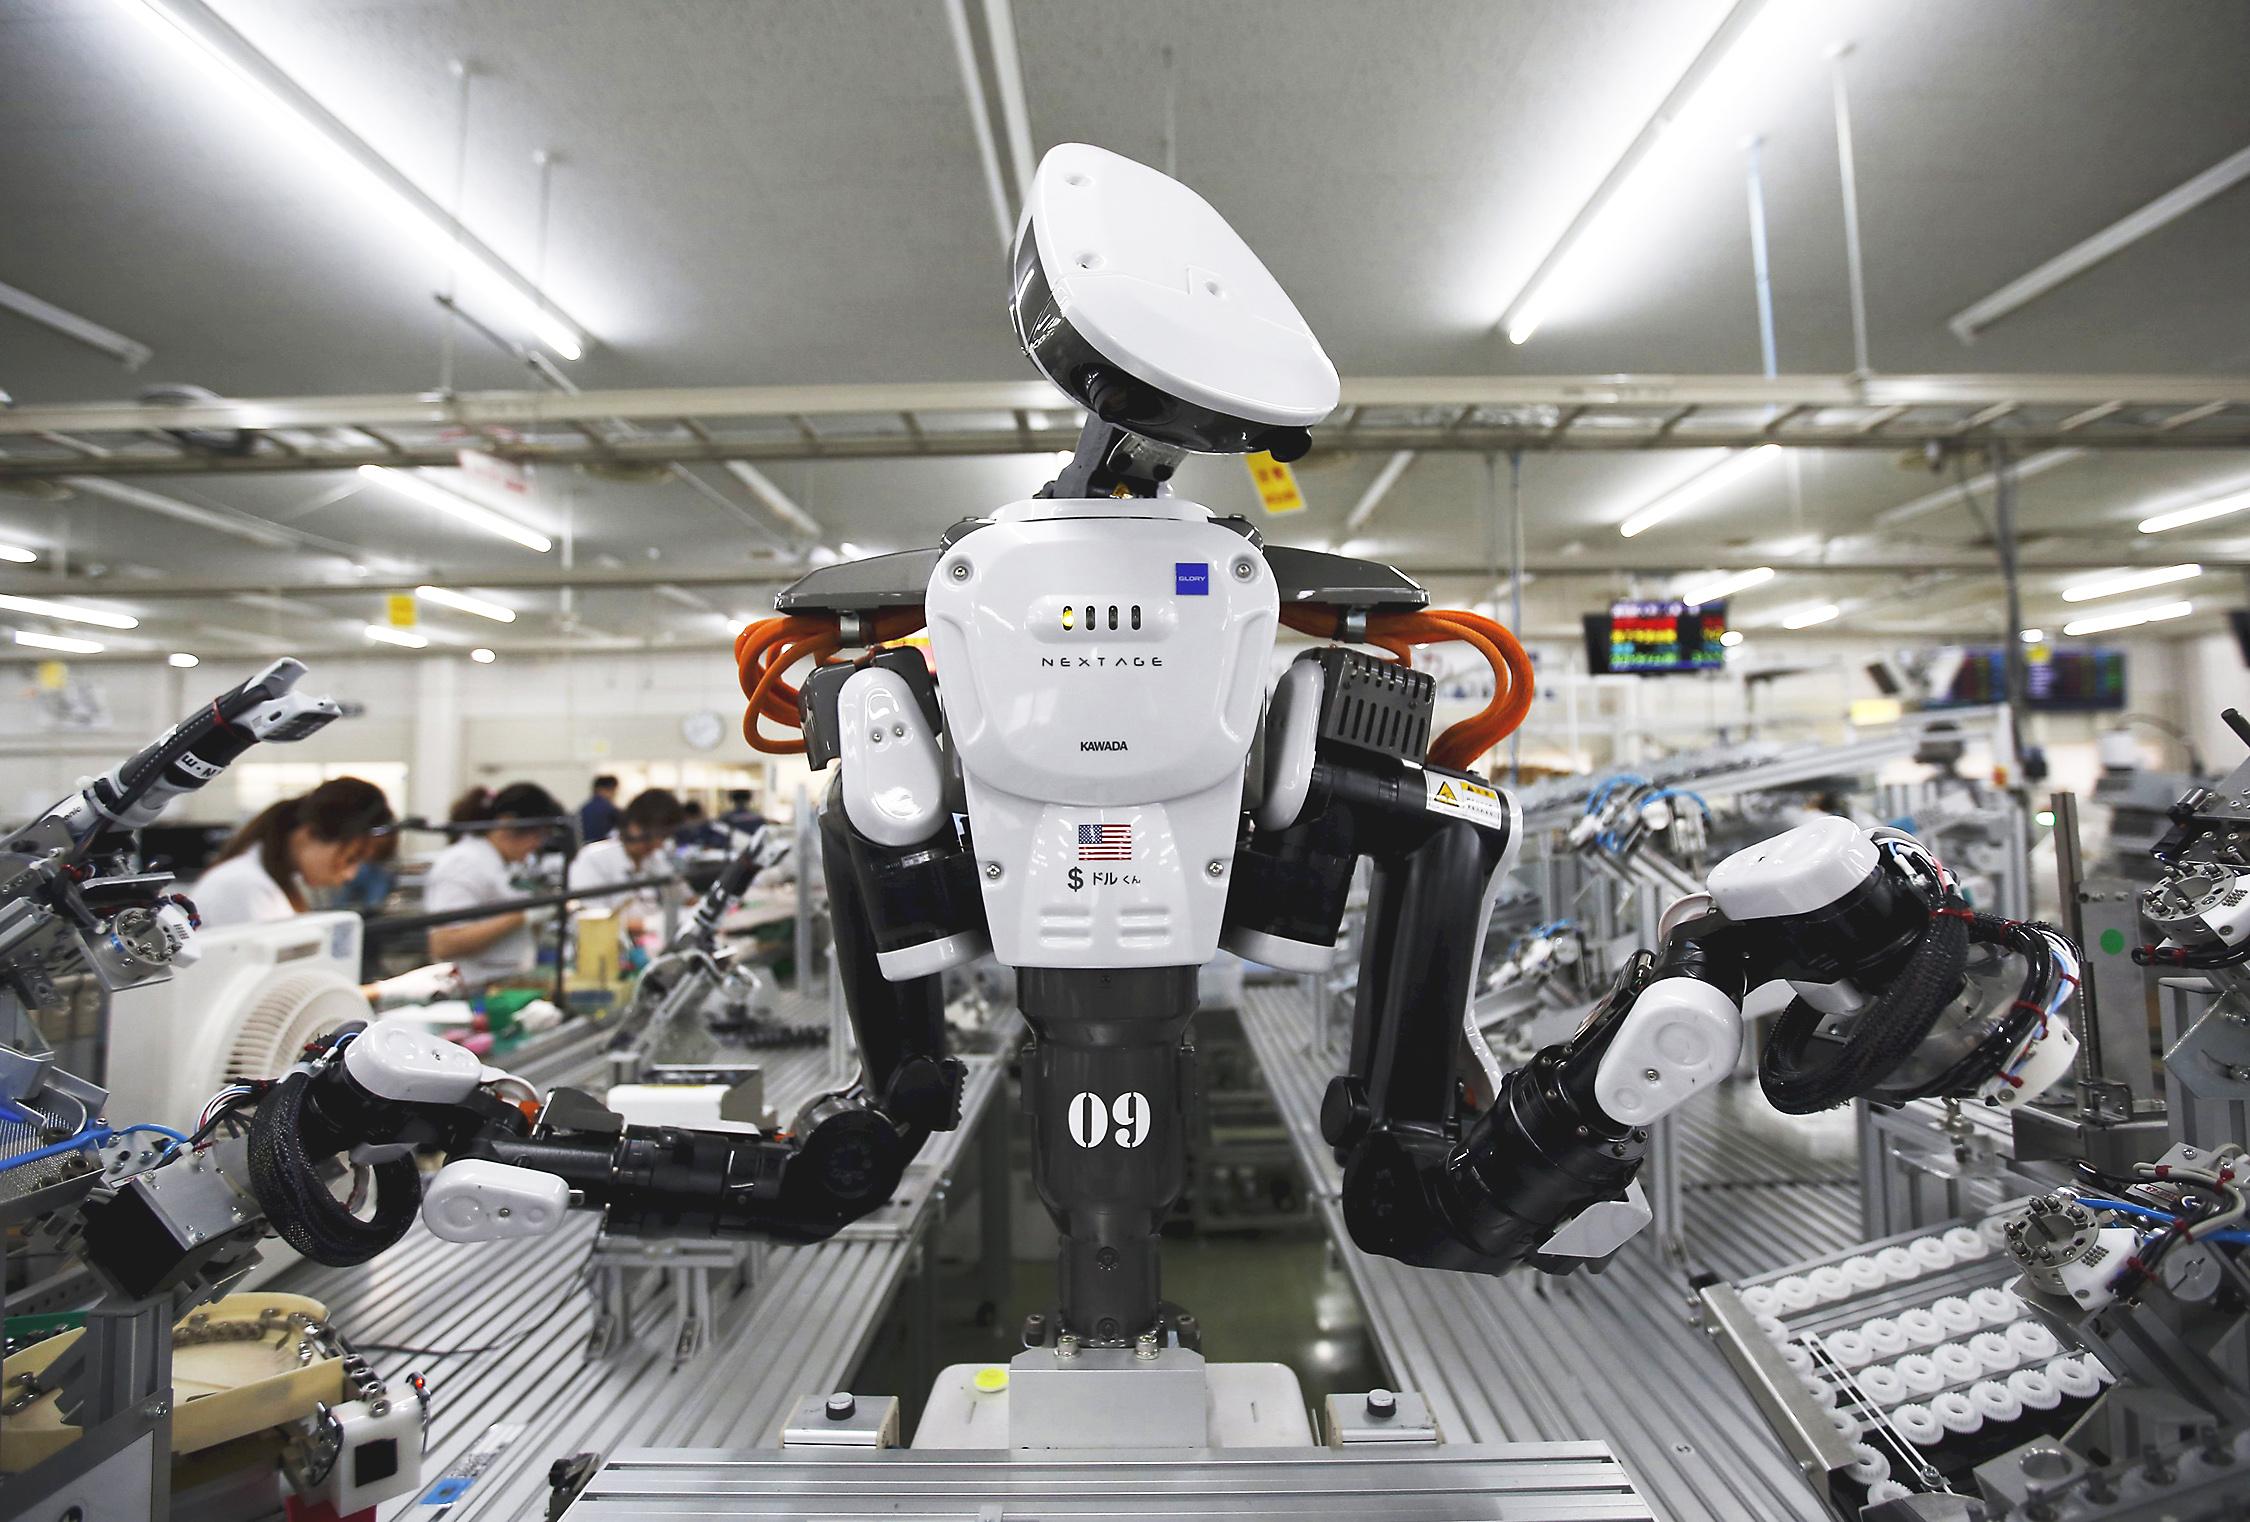 Cuộc cạnh tranh giữa người lao động và robot đã bắt đầu tại Việt Nam